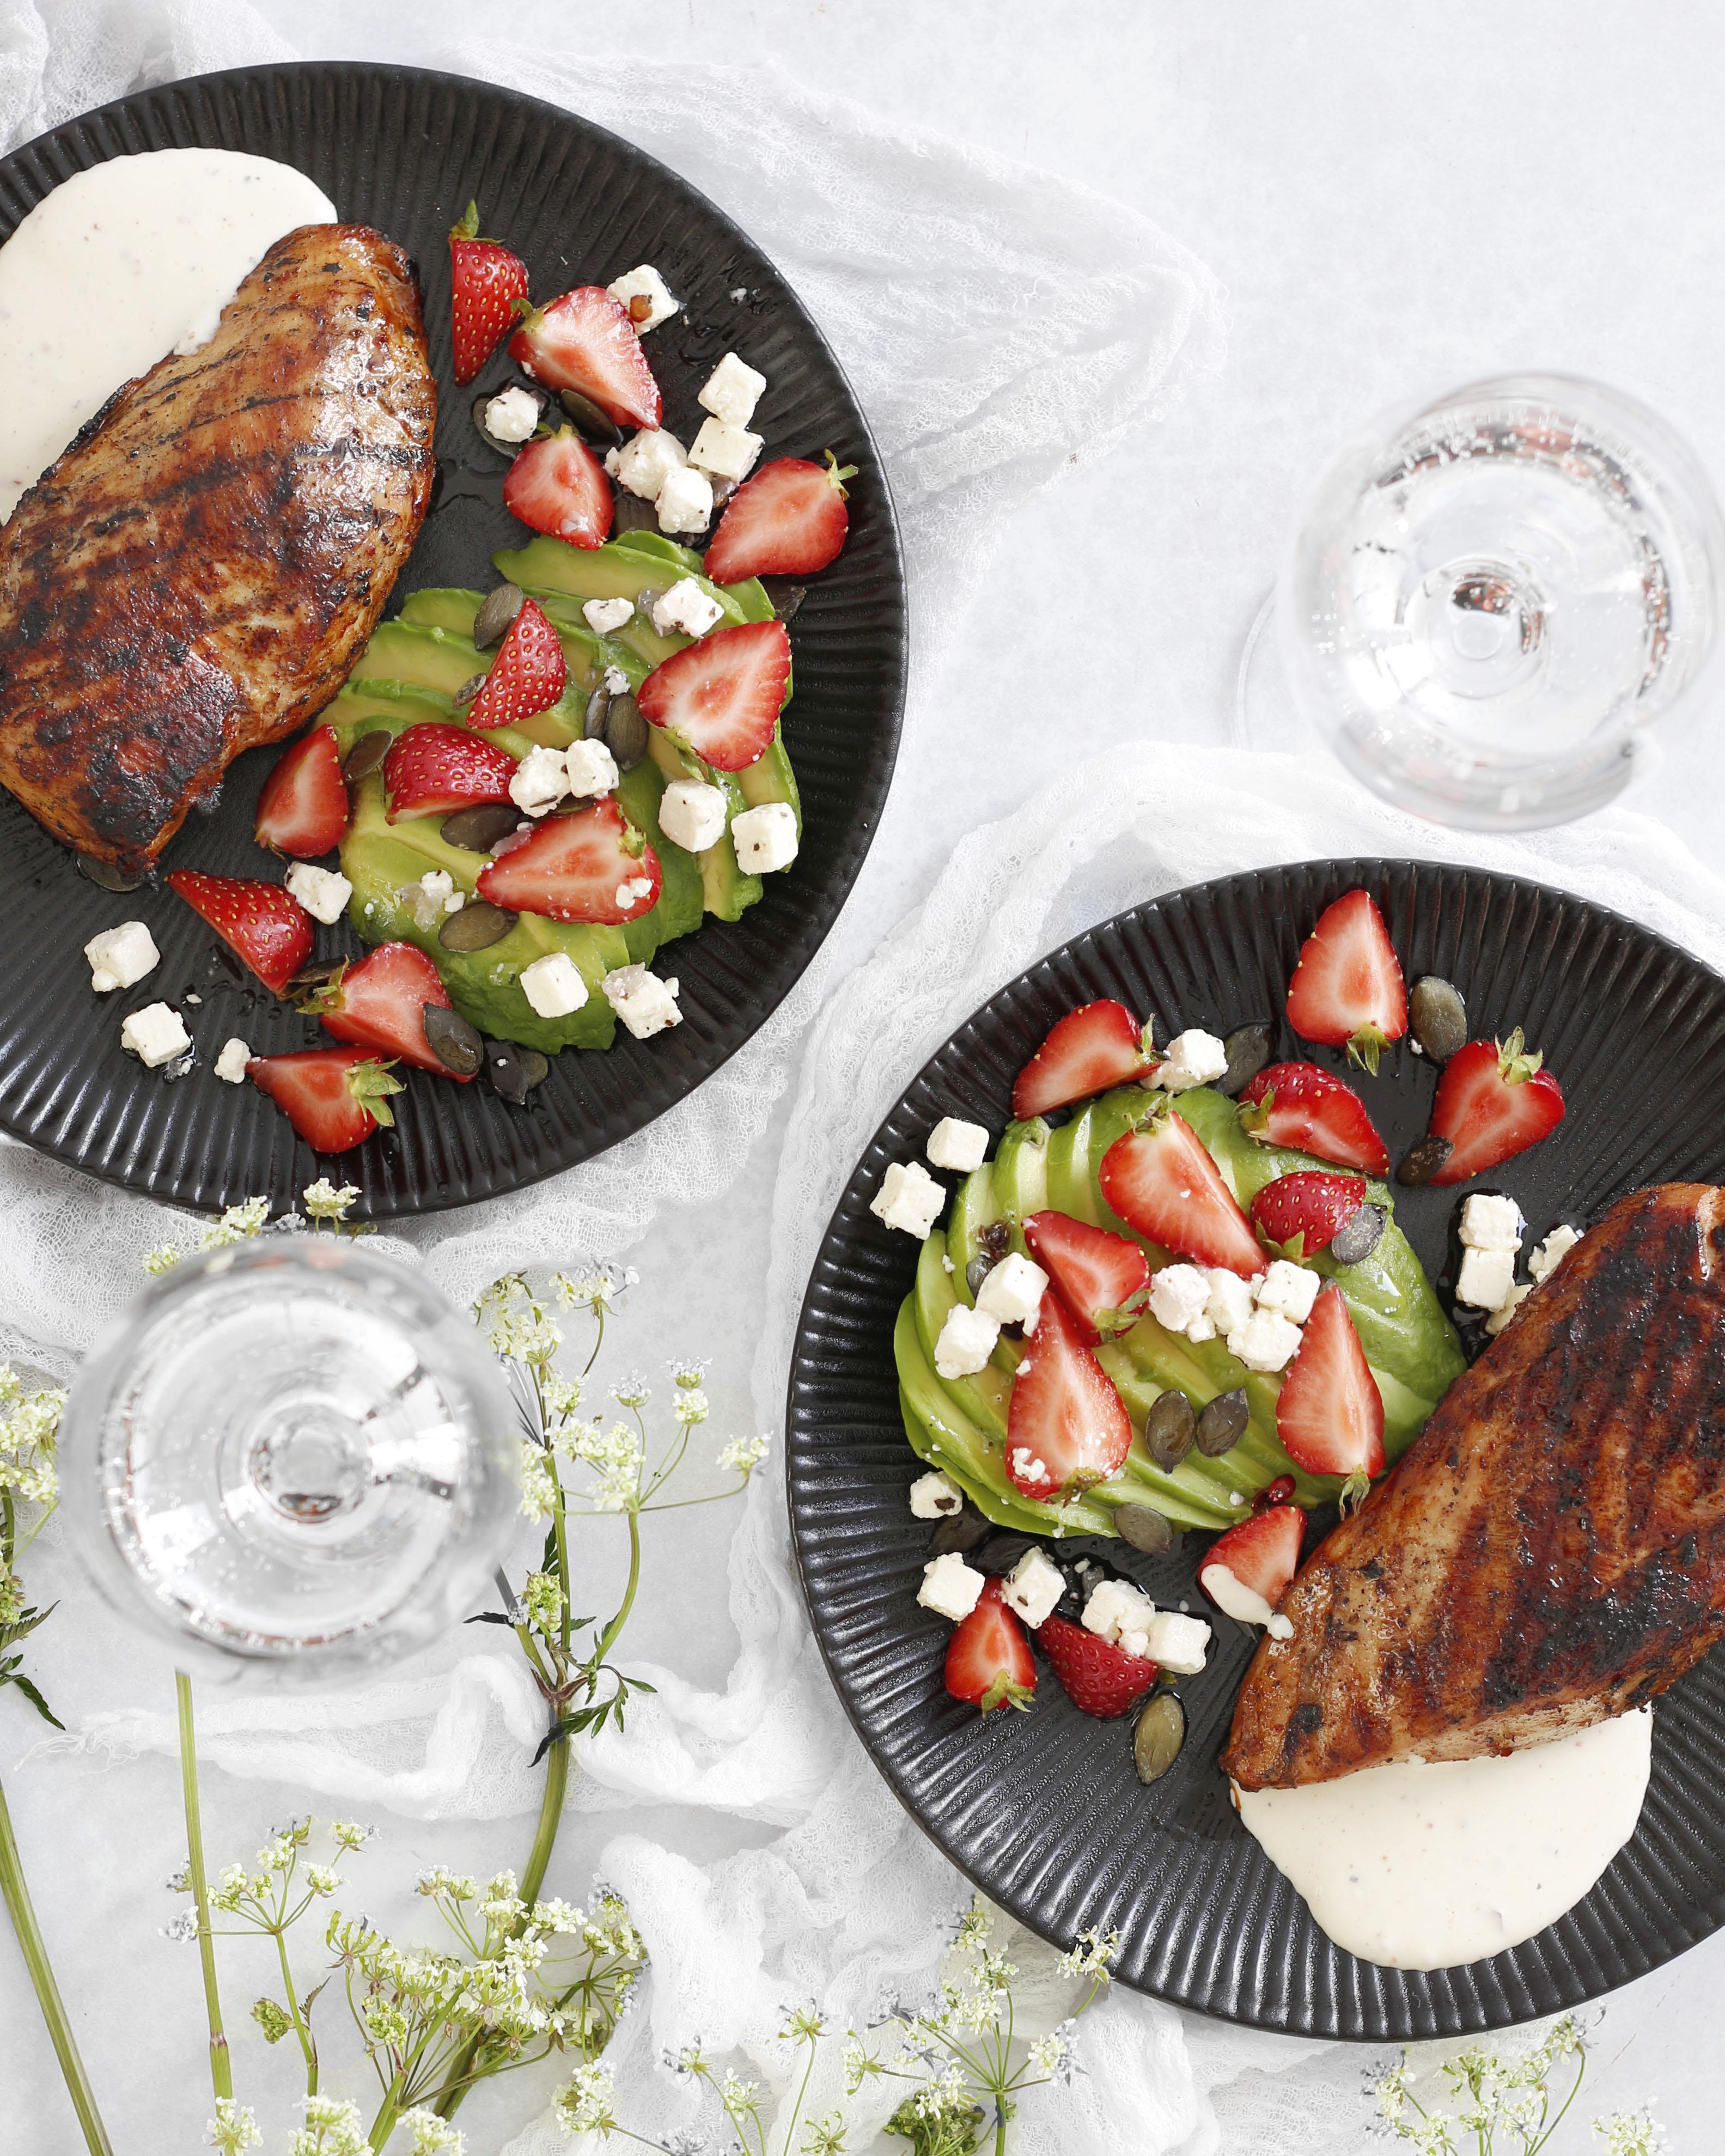 einfaldar grillaðar kjúklingabringur með avocadó og jarðaberja salati